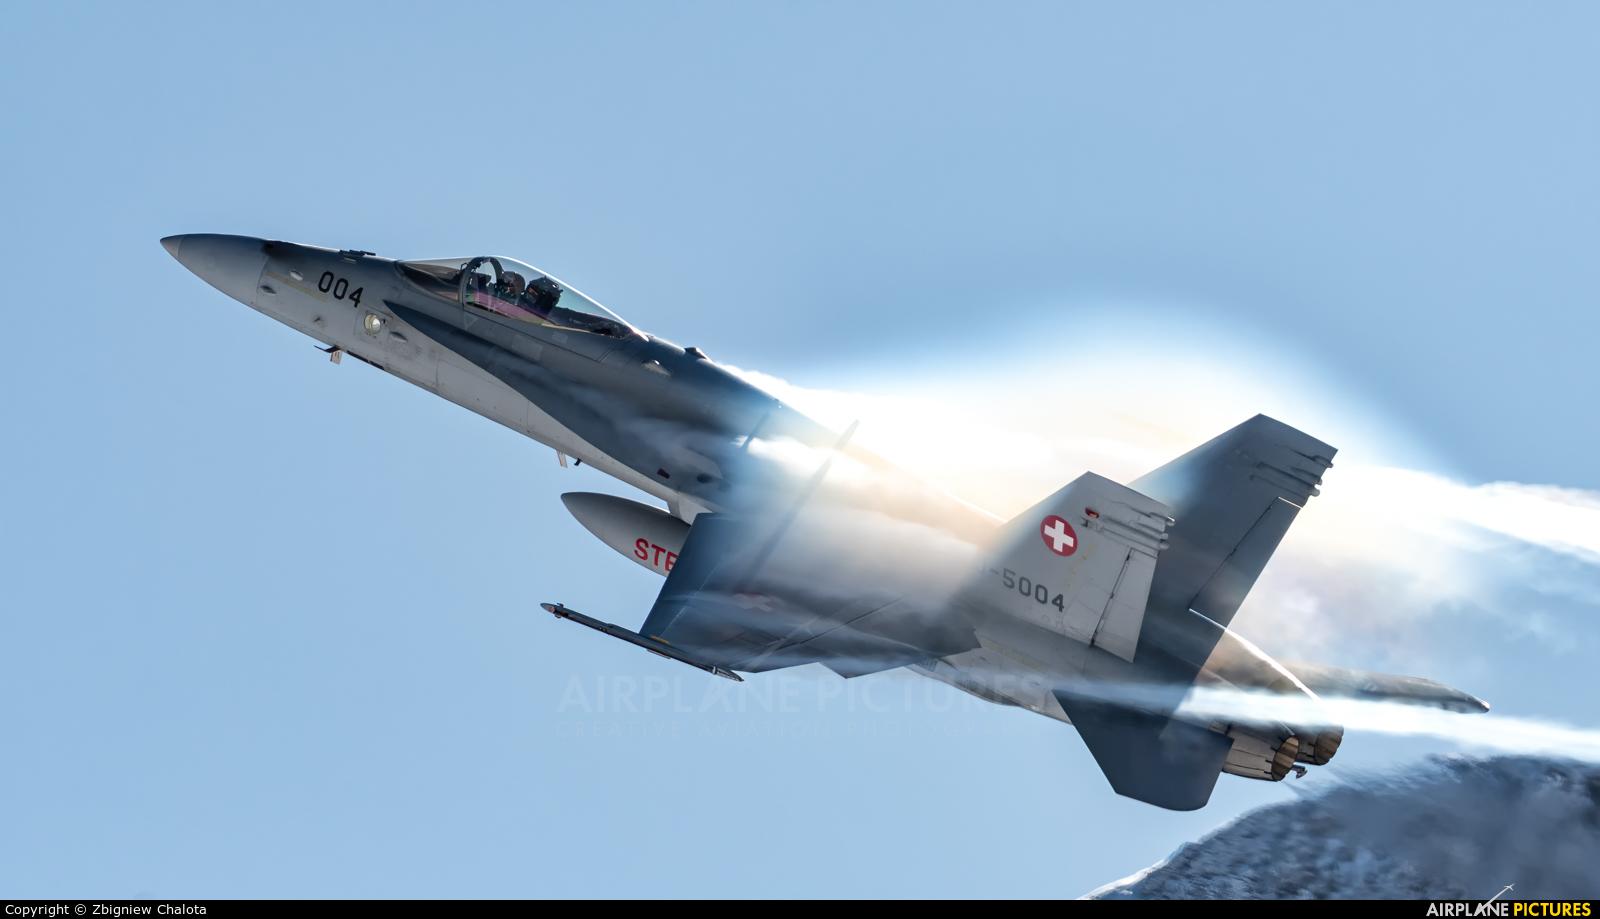 Switzerland - Air Force J-5004 aircraft at Axalp - Ebenfluh Range